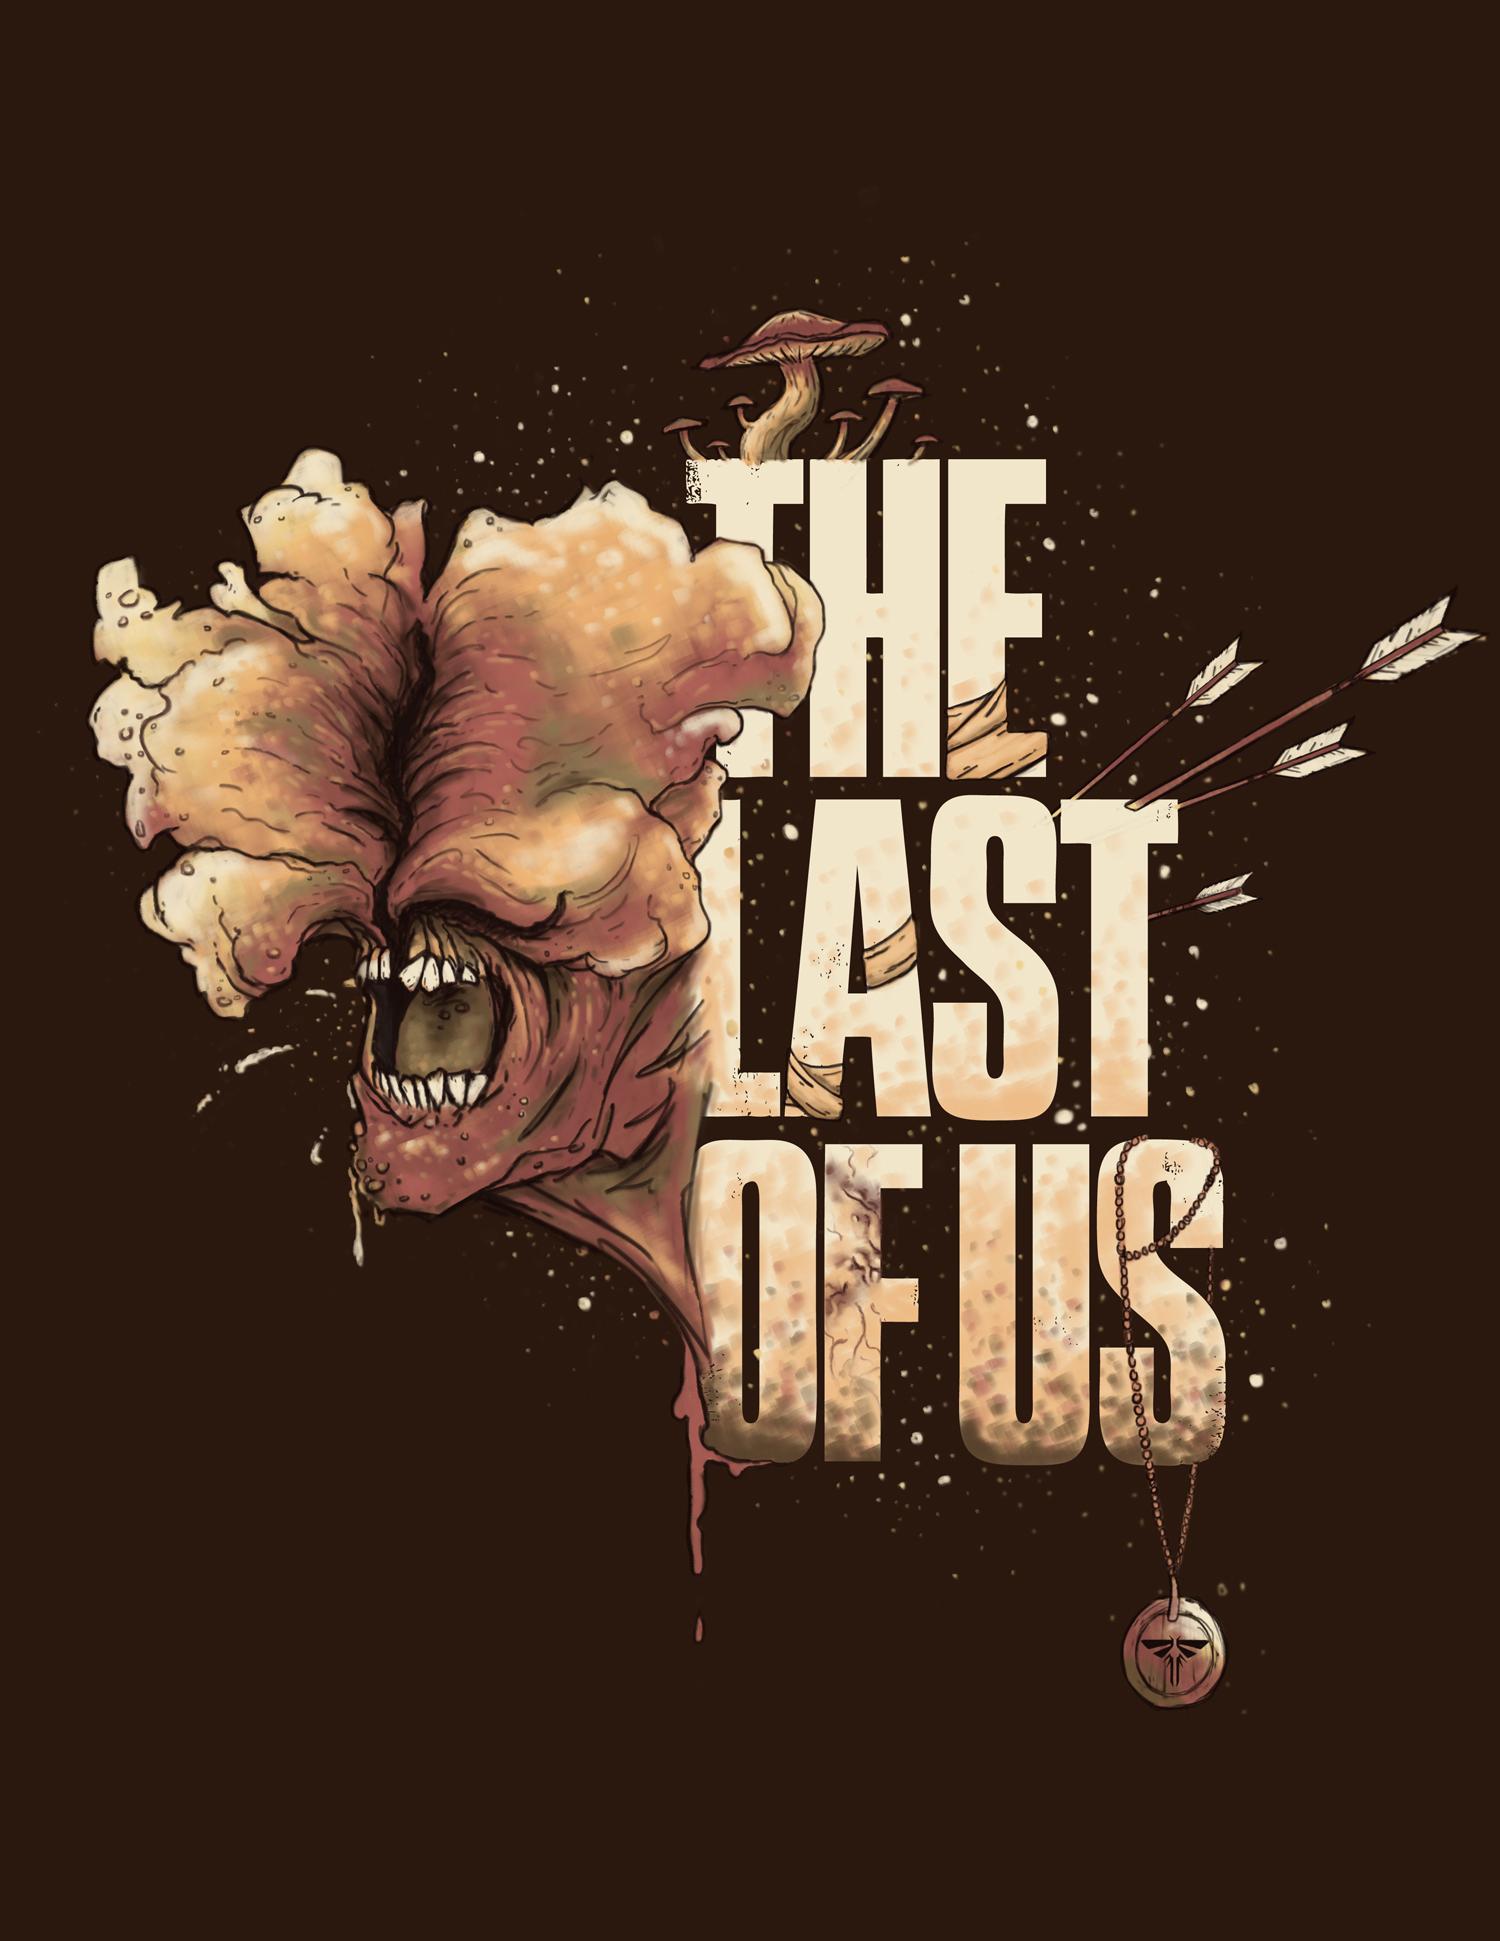 thelastofus.jpg